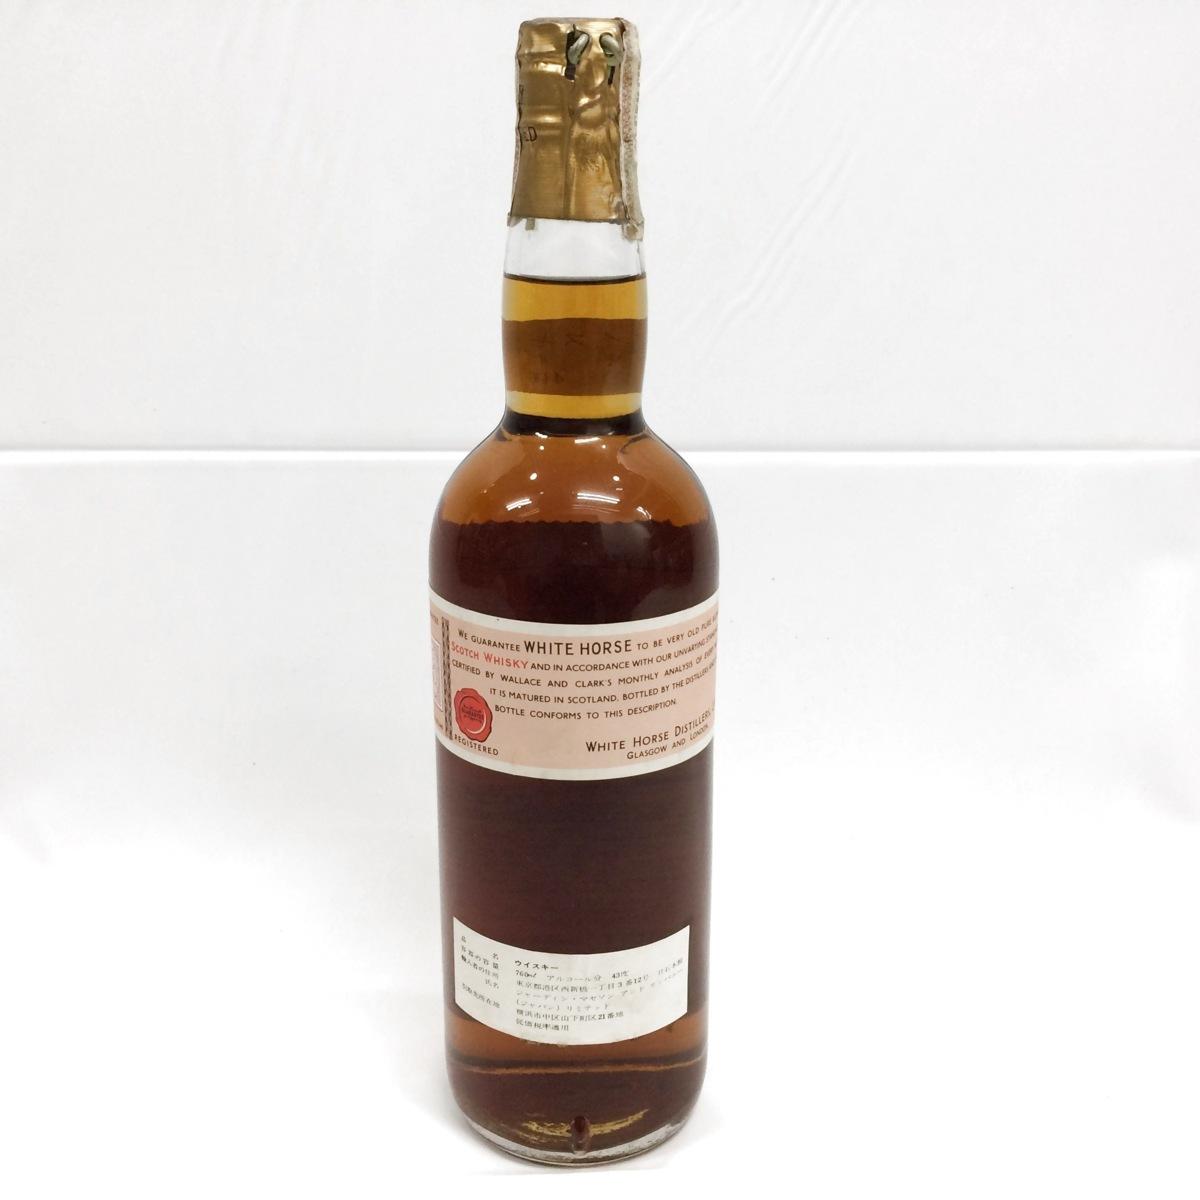 7-1973古酒・未開栓 ホワイトホース ヴィンテージ ティンキャップ スコッチウィスキー 760ml 43%特級 セラー表記_画像7